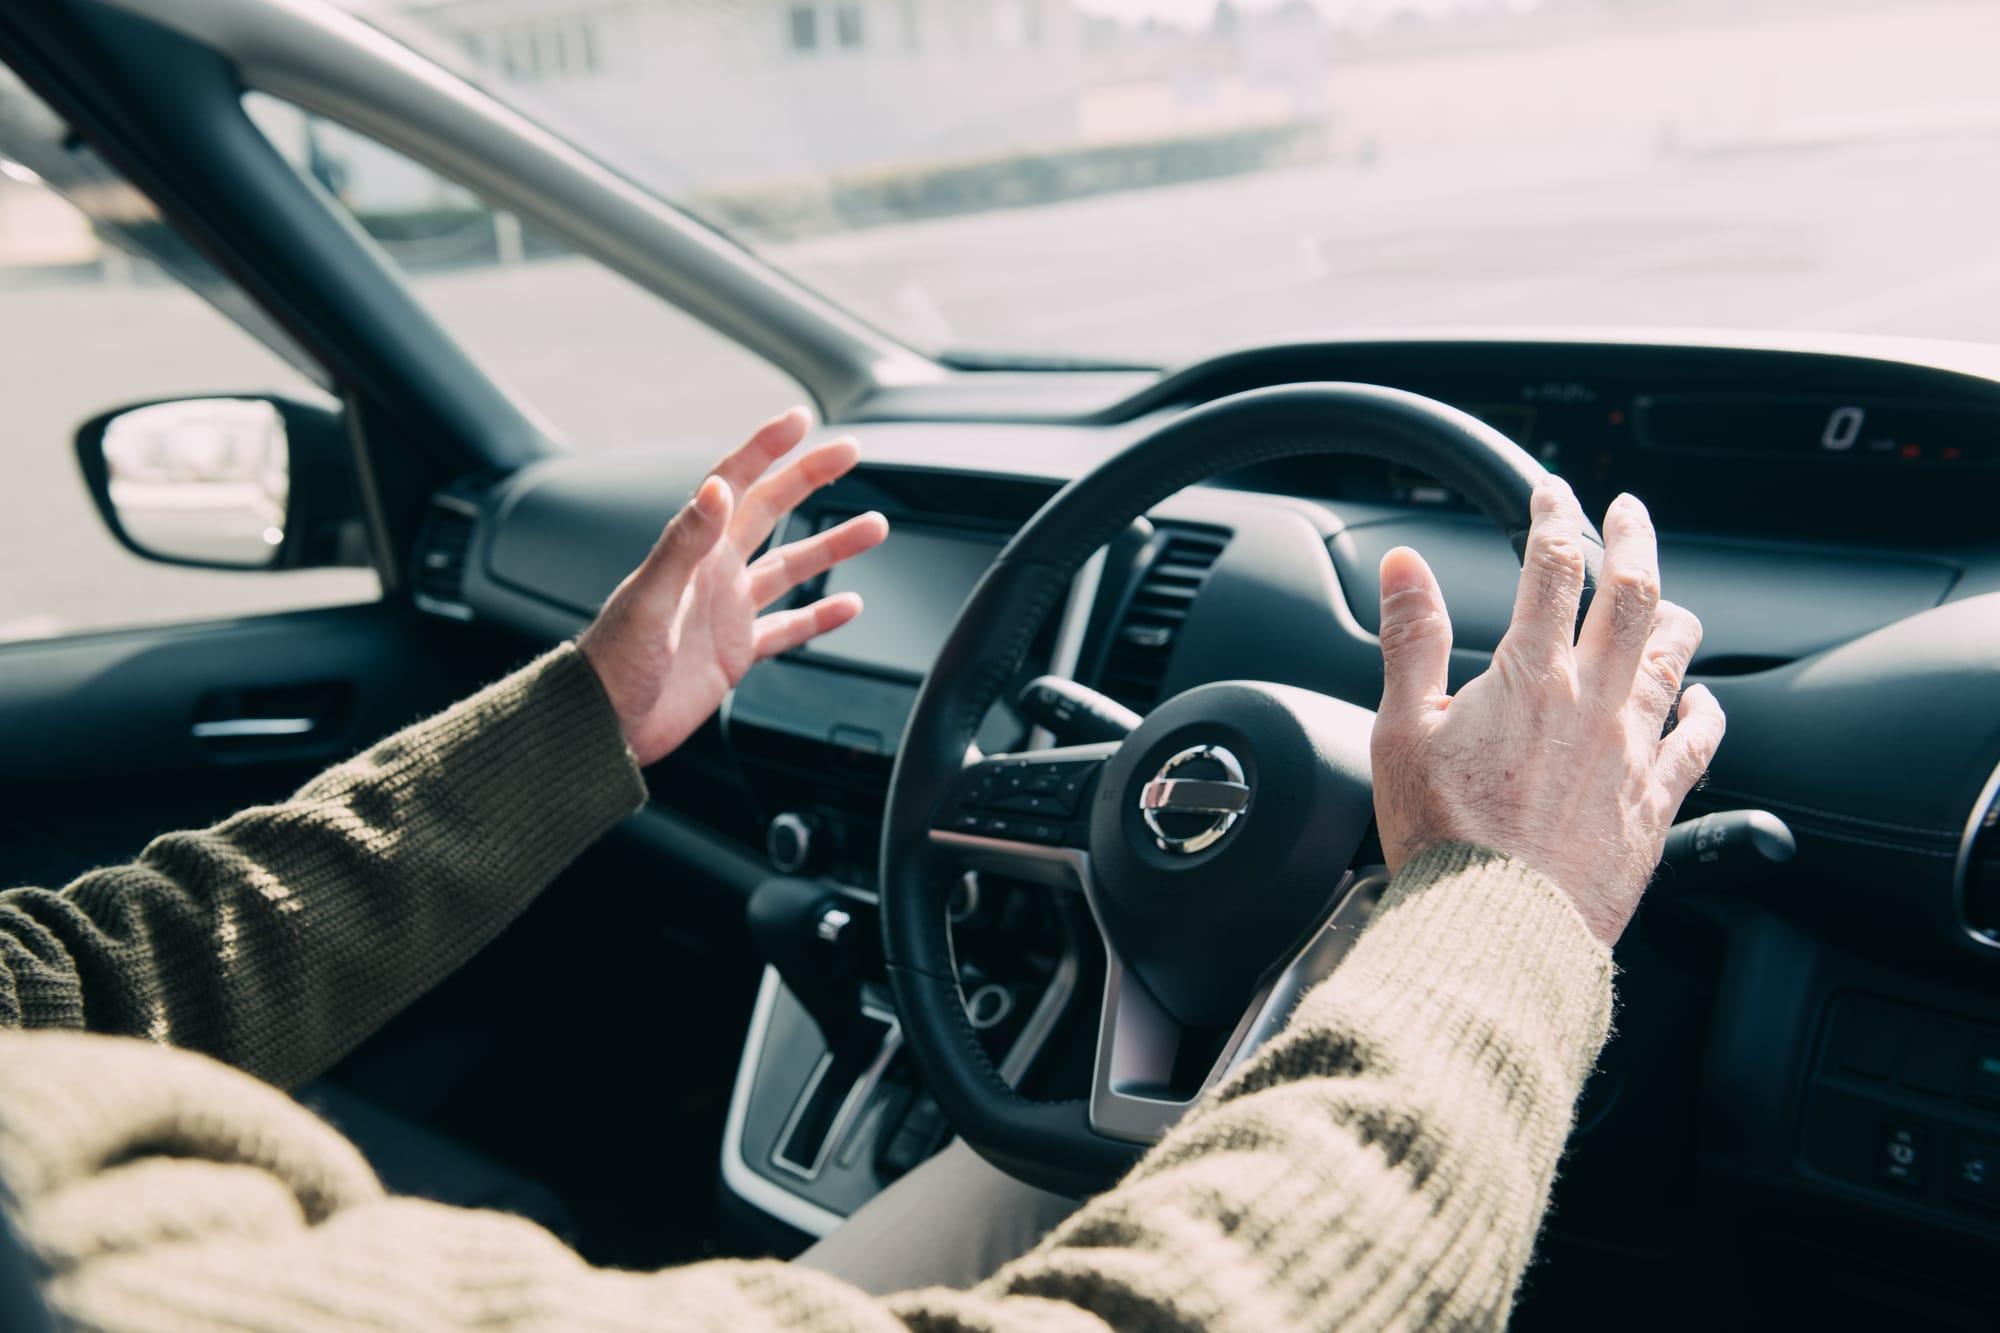 車 売る 初めて 車を売る方法は4つある!総合的な評価から分かる状況別のオススメ売却方法